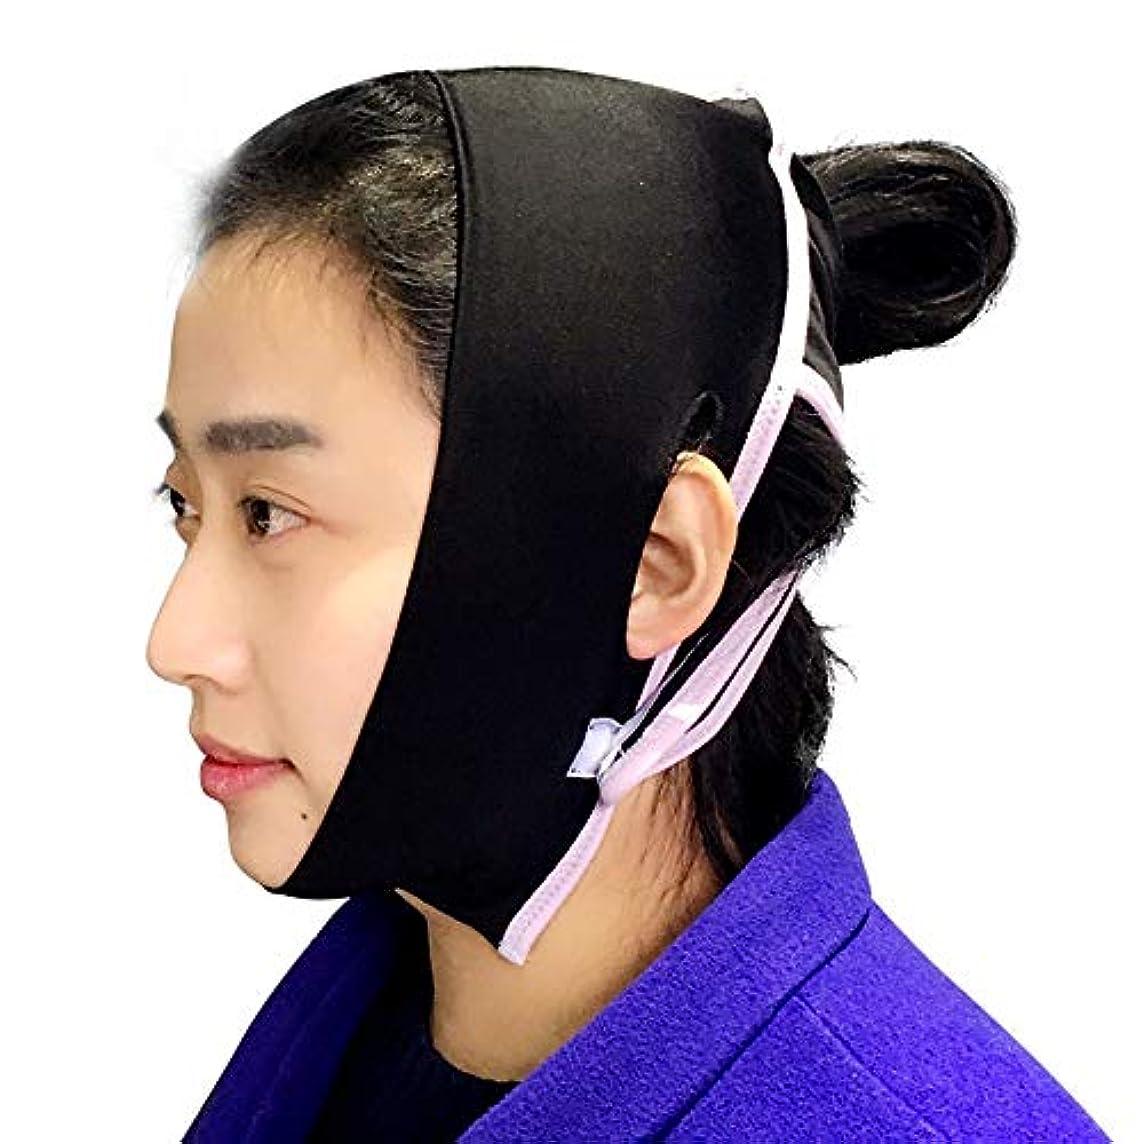 メロディーファランクス商標LJK フェイスリフトマスク、小さなVフェイス睡眠包帯マスクシンダブルチンリフト引き締め肌